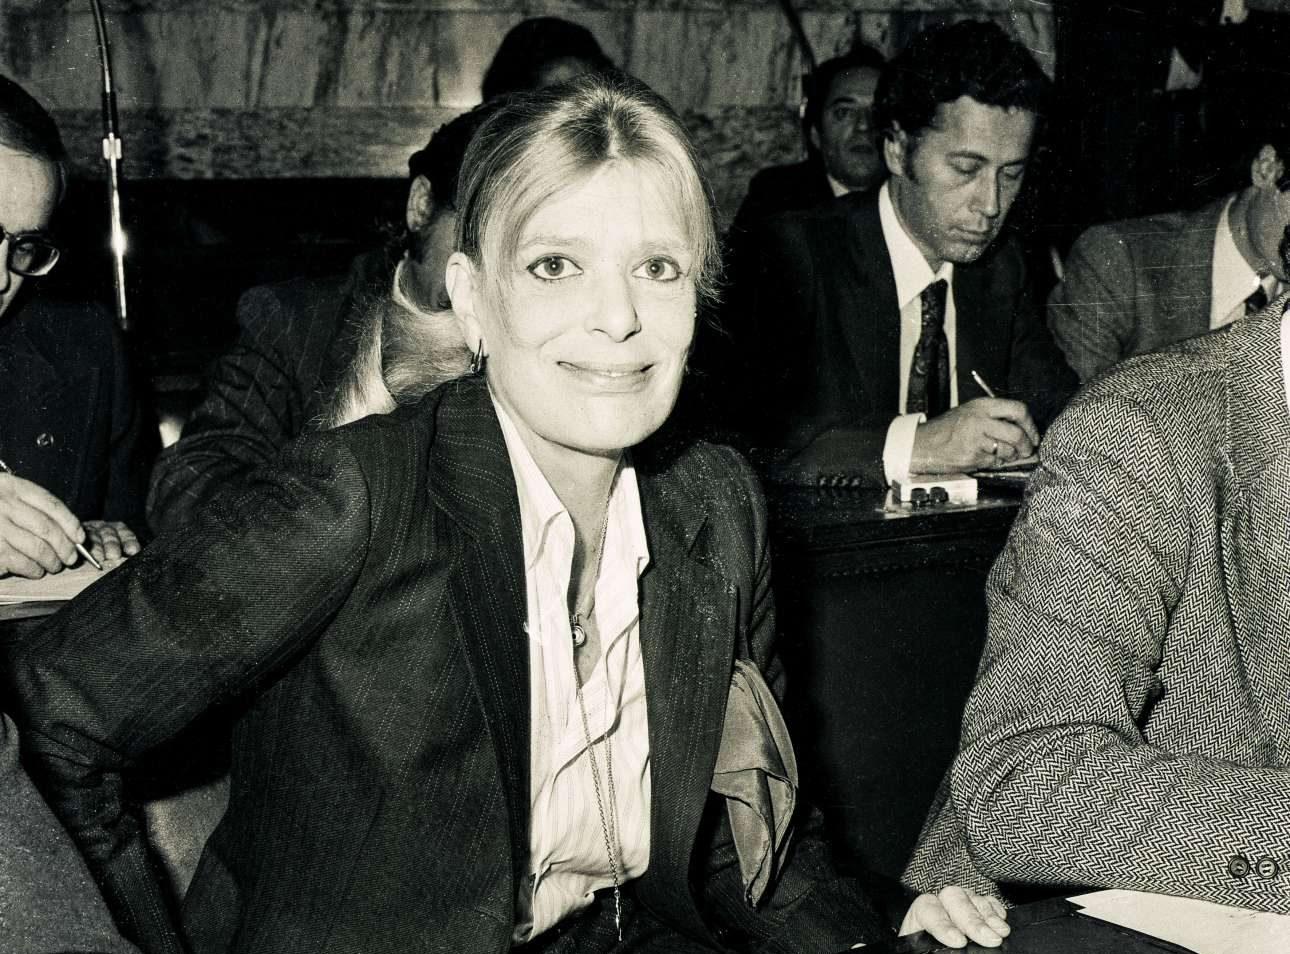 H Μελίνα τις πρώτες της φορές στα βουλευτικά έδρανα μετά τις εκλογές του 1977